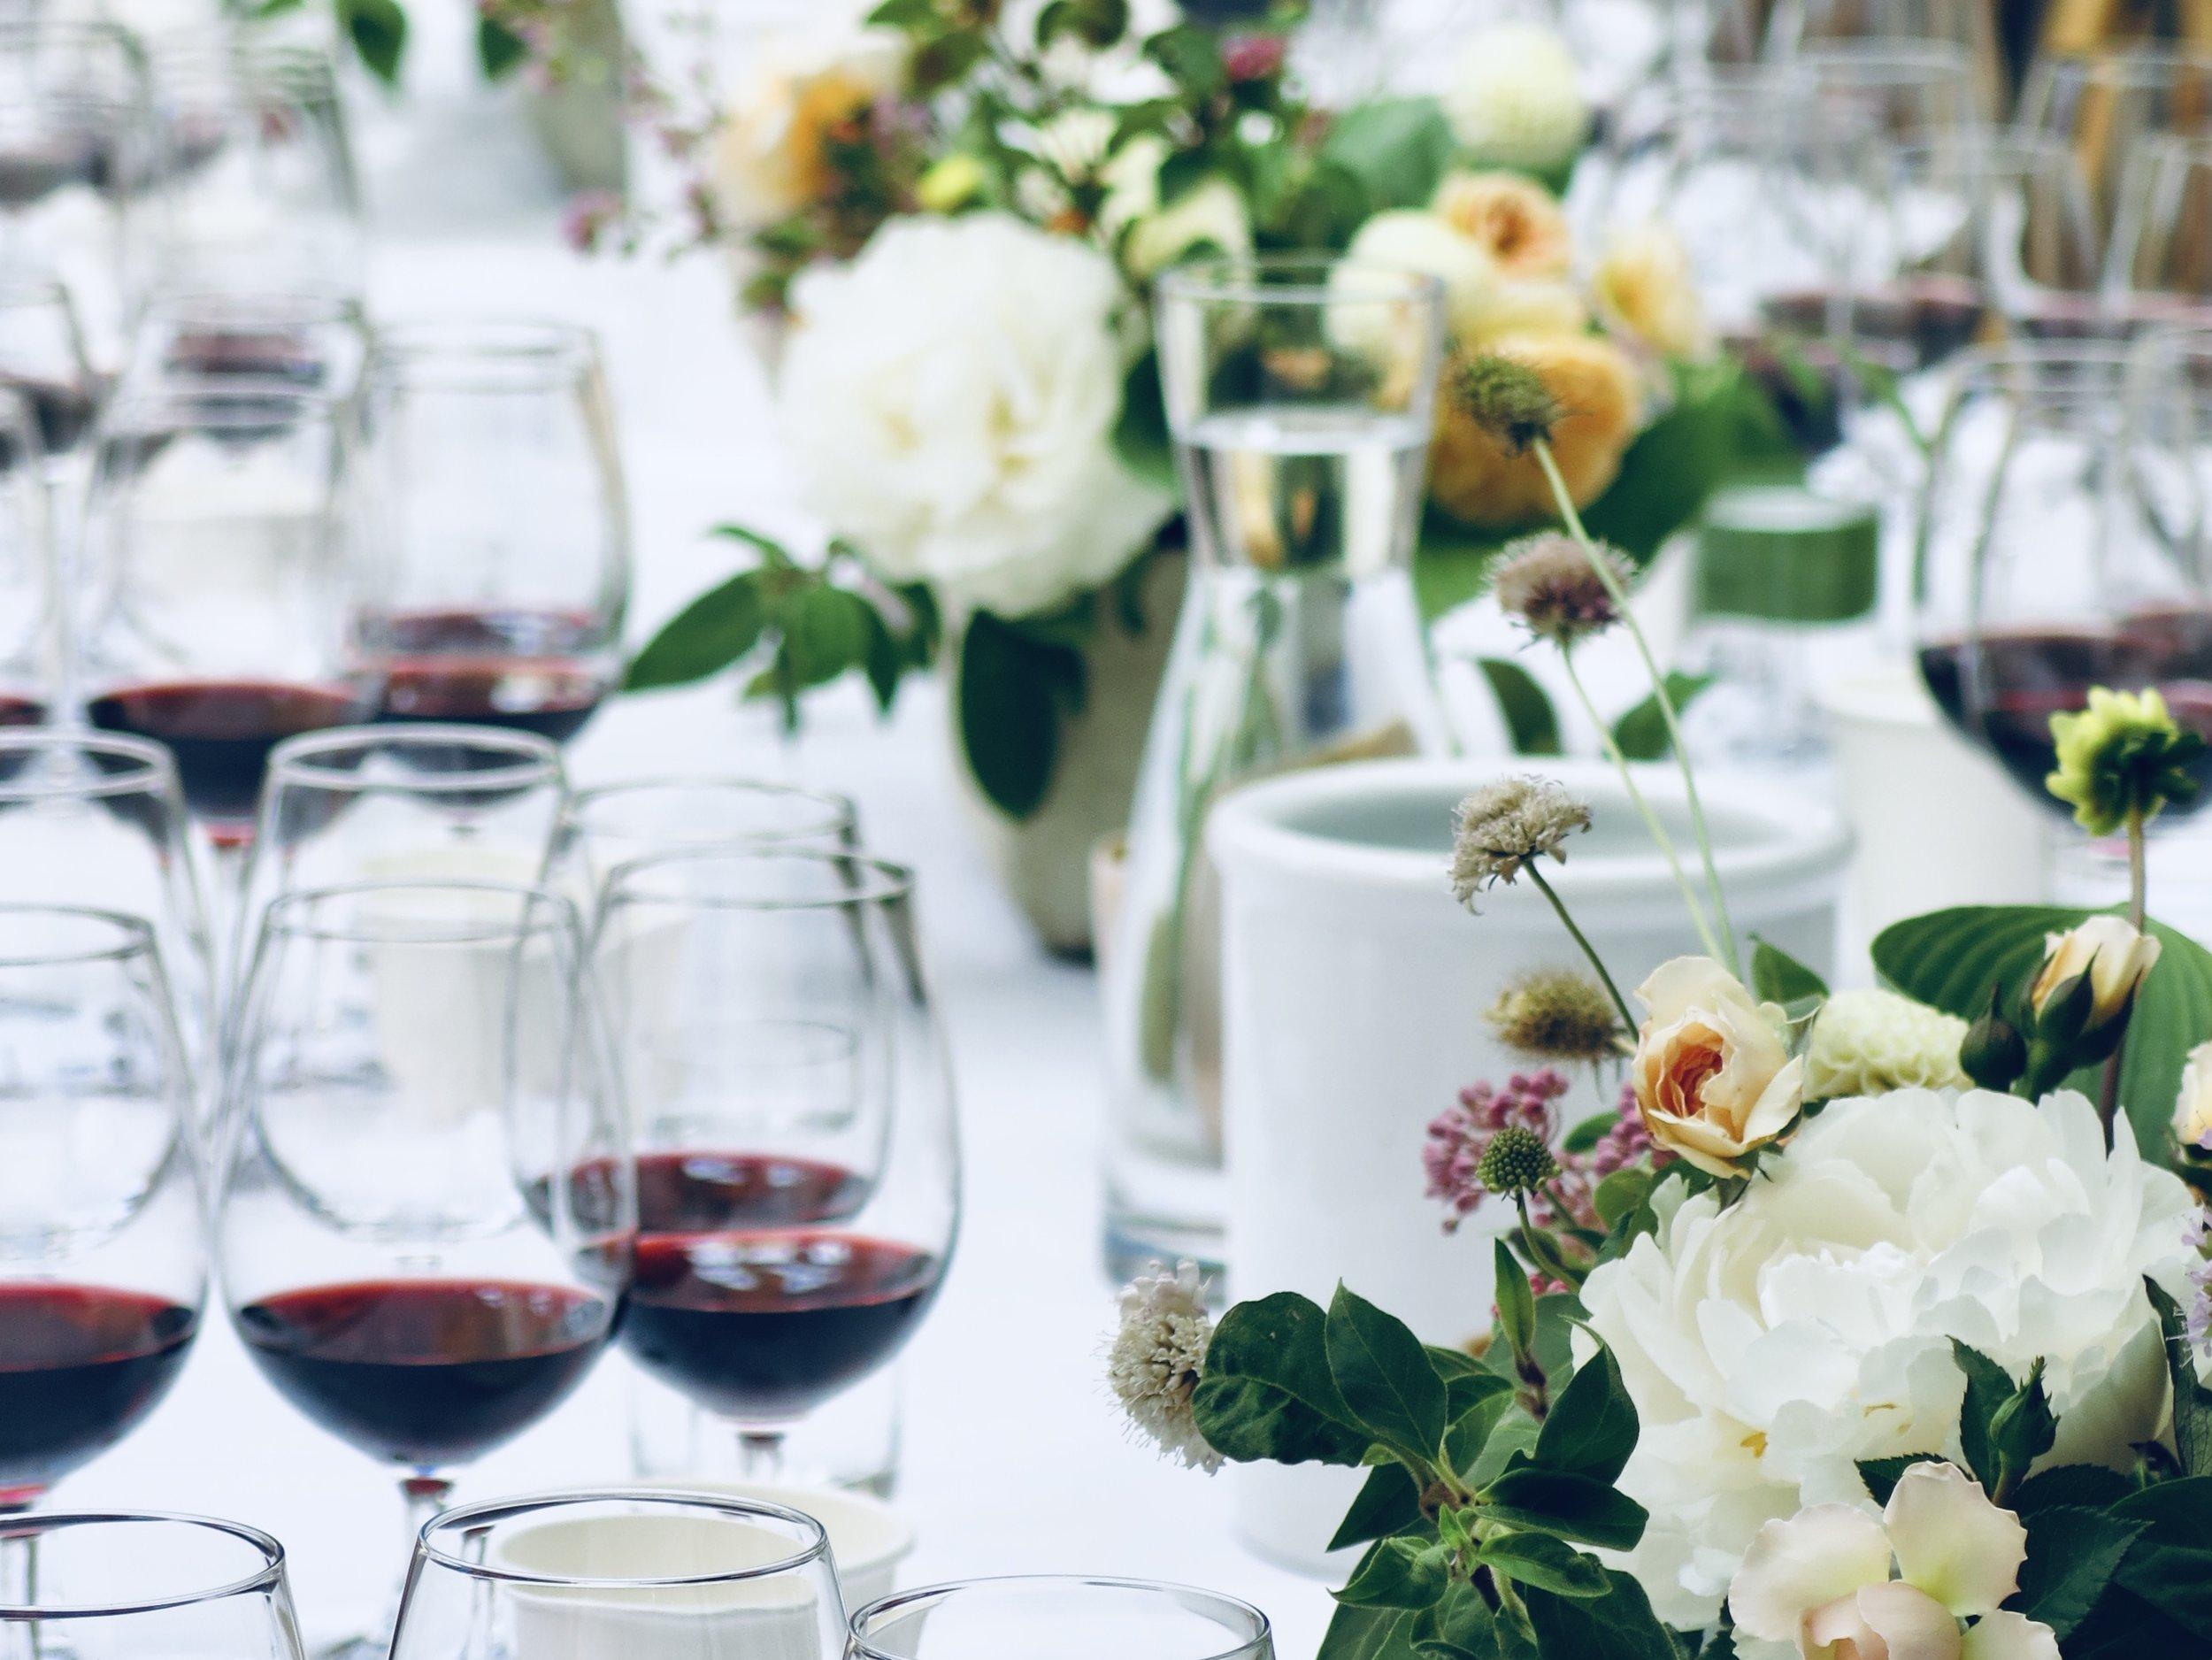 Wine-tasting-event-flowers.jpg